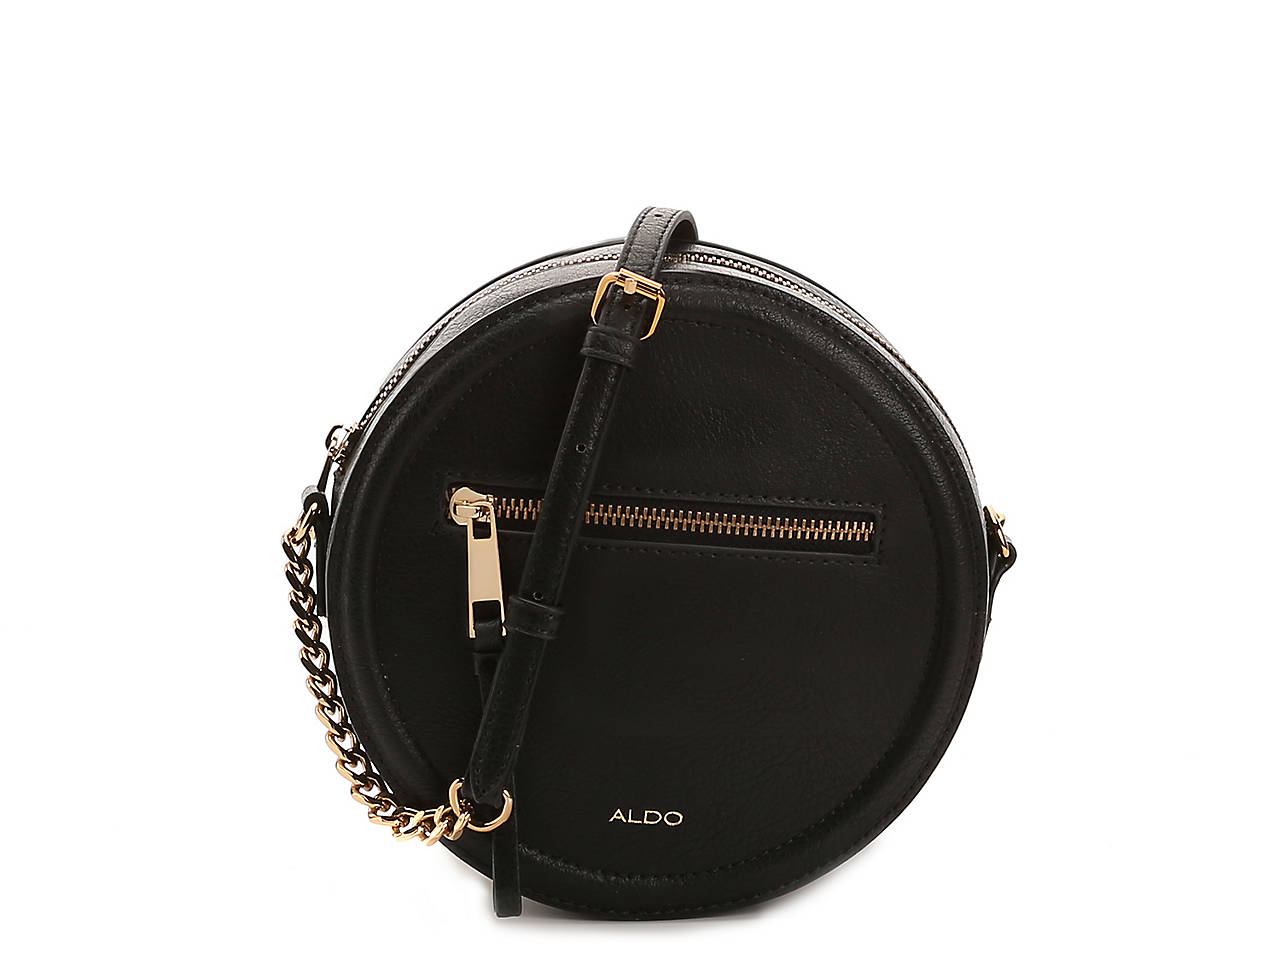 7c53c81e068 Aldo Circus Crossbody Bag Women s Handbags   Accessories